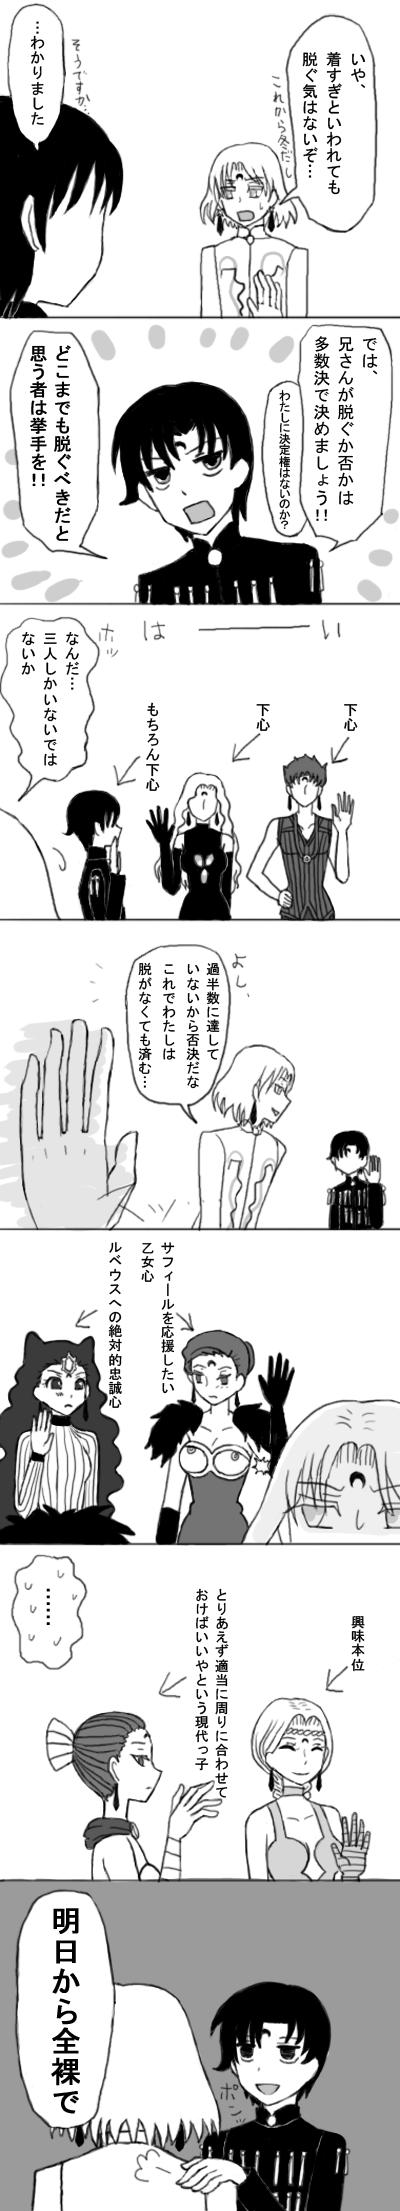 fuuki2.png